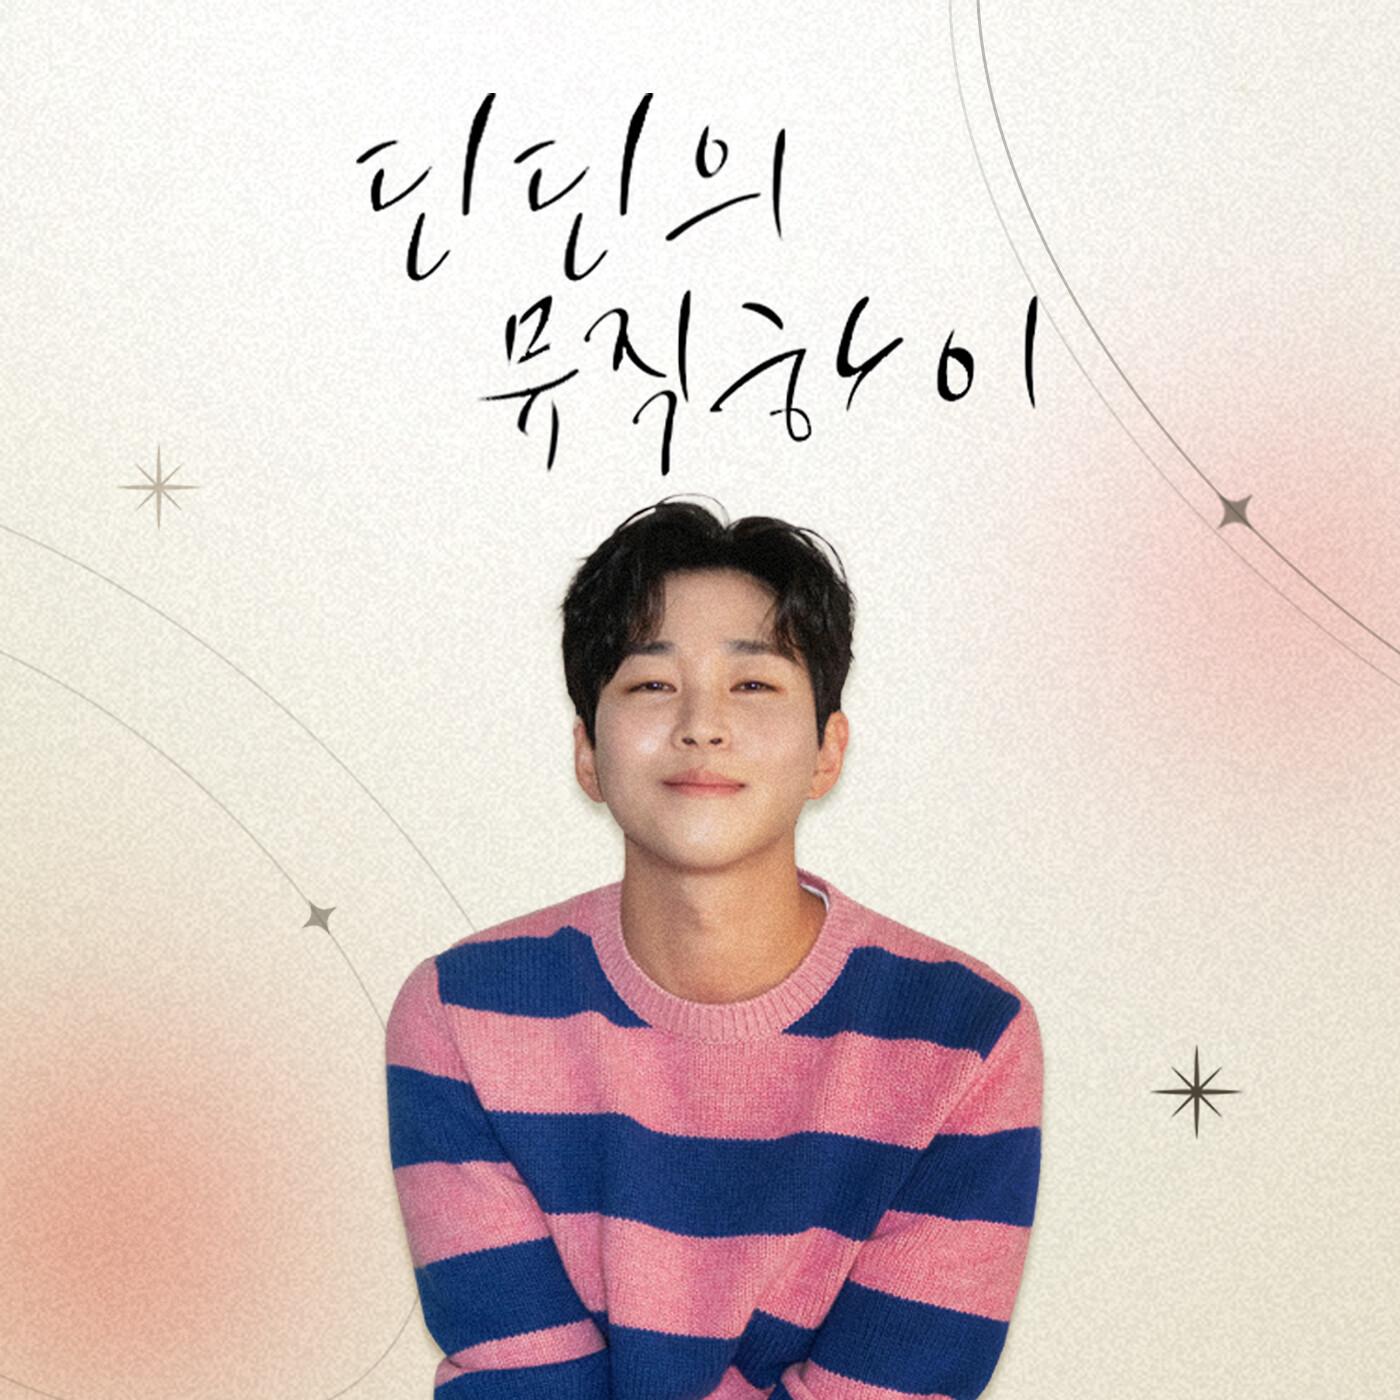 (토) 딘딘의 Music High - 기억조작 플레이리፶